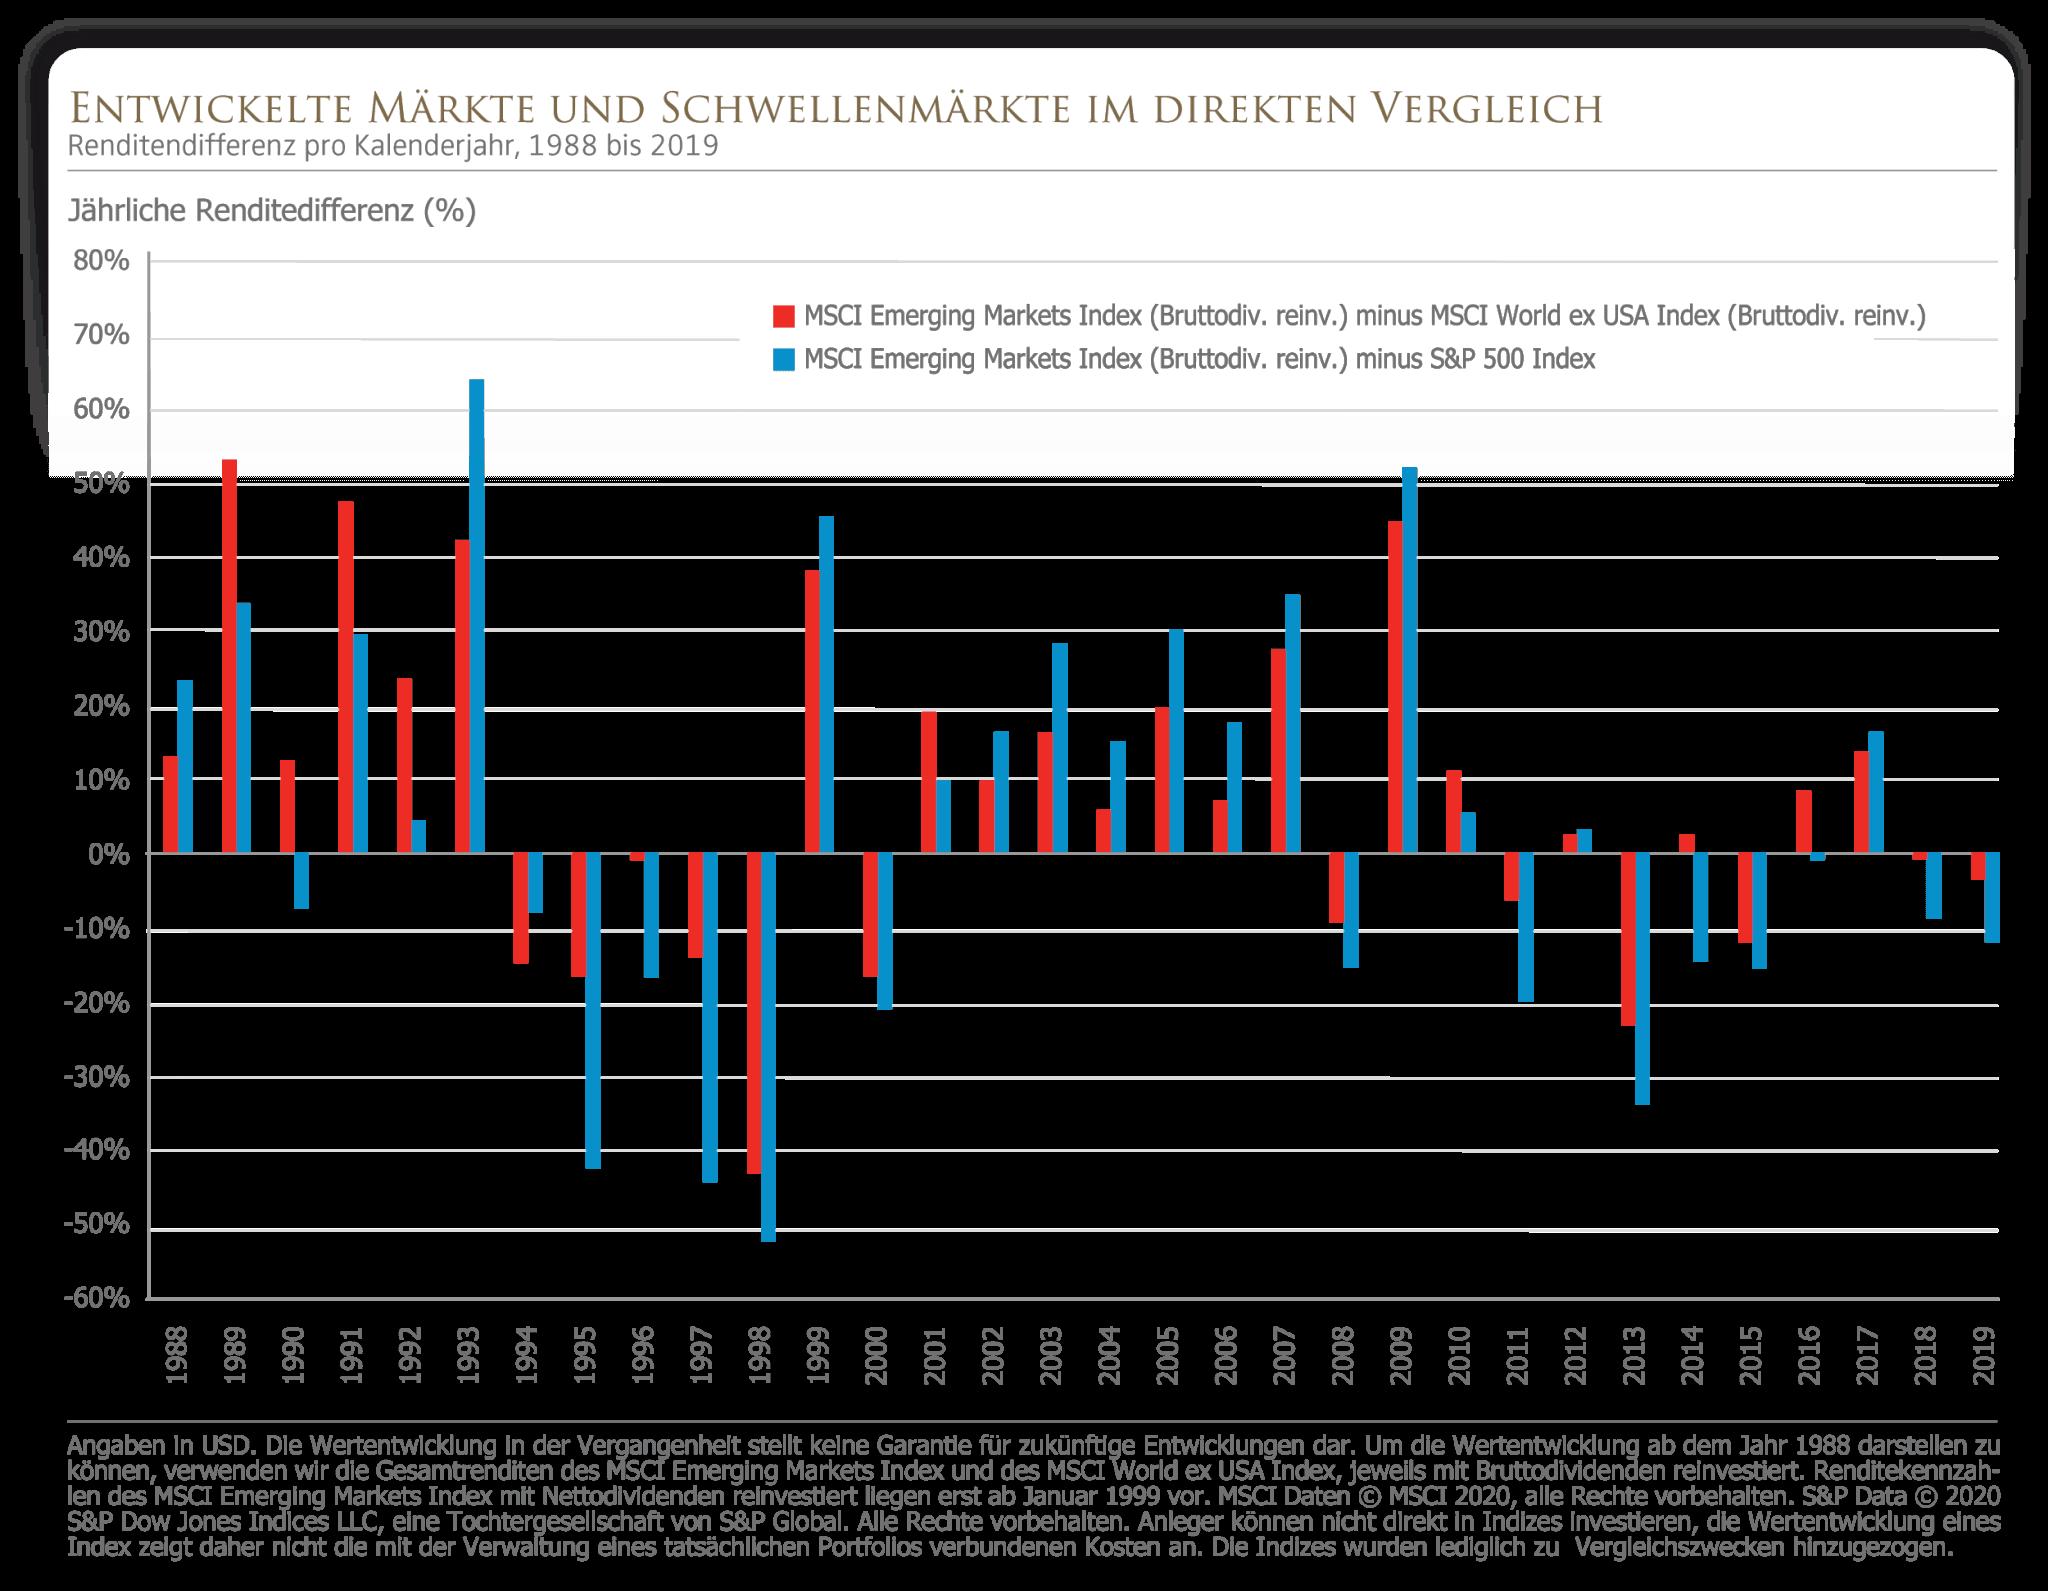 Entwickelte Märkte und Schwellenmärkte im direkten Vergleich